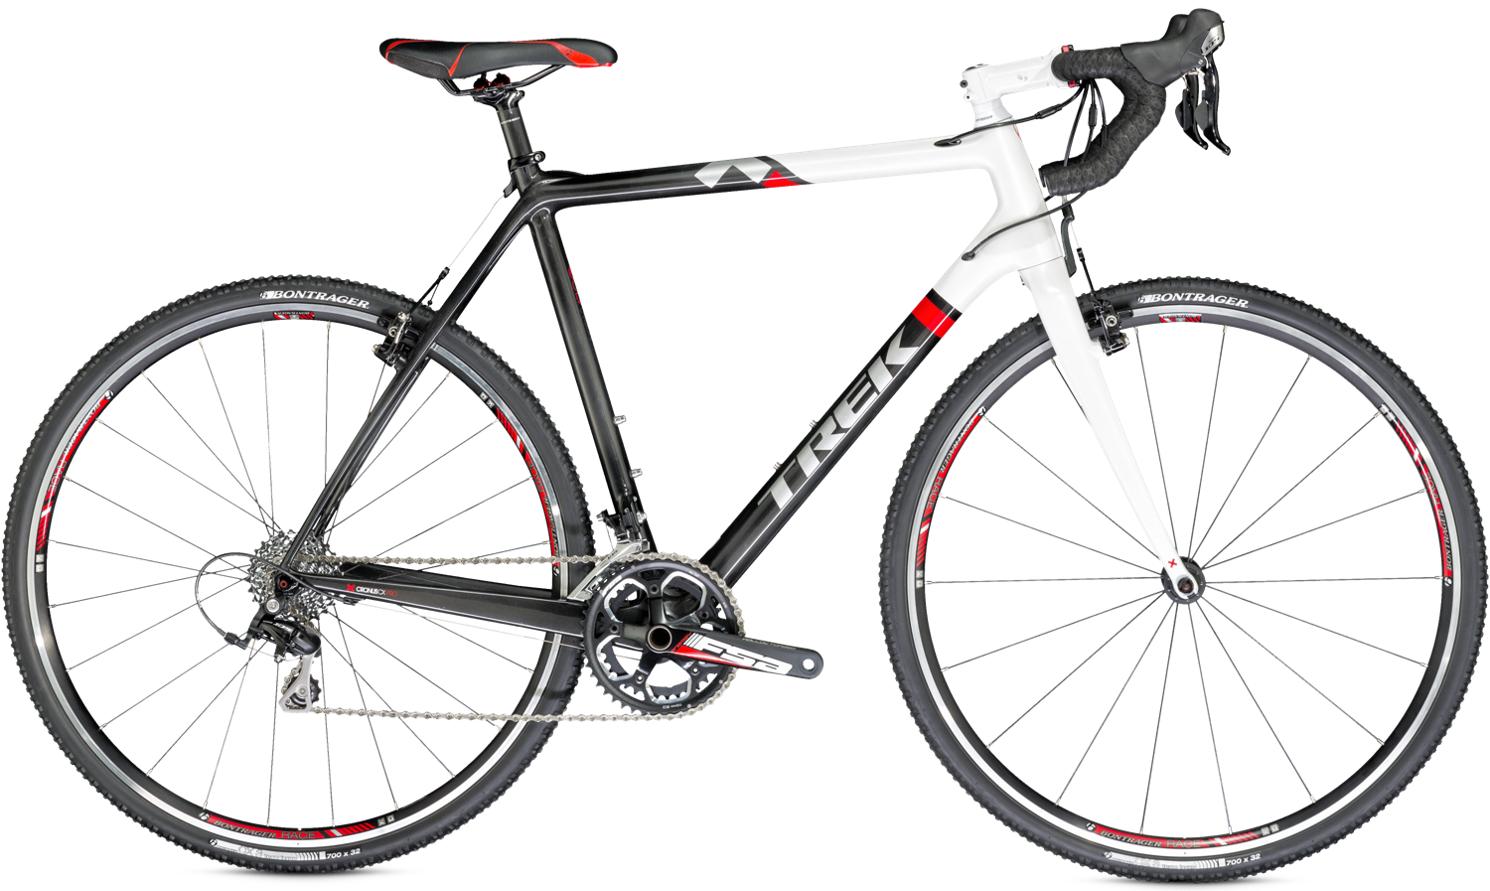 compare domane 5 2 and domane 4 7 trek bikes html